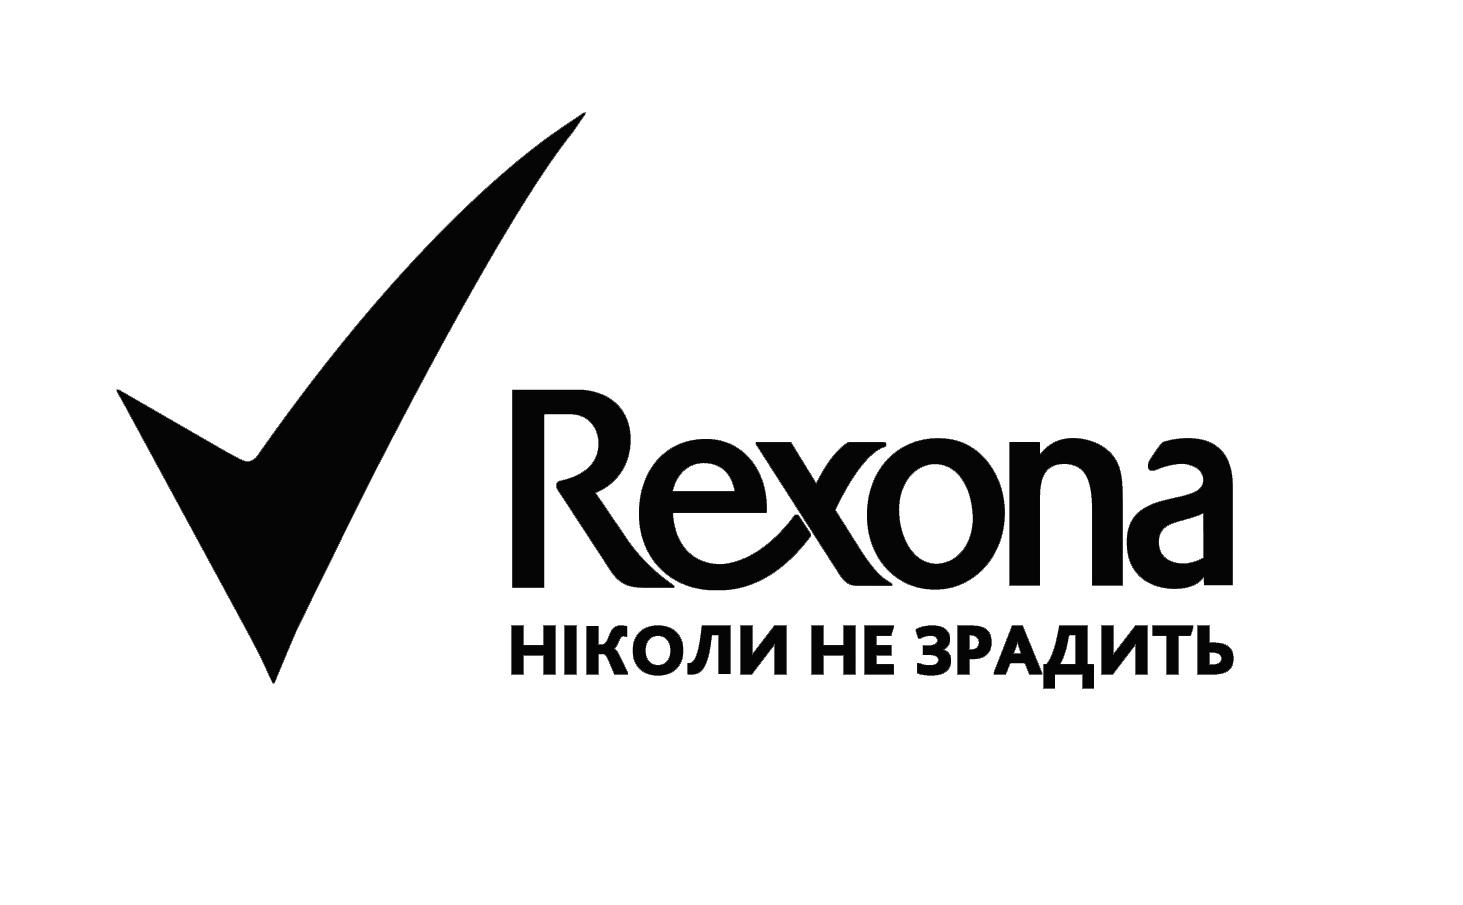 Как Титульный партнер «Пробега под каштанами» бренд Rexona заботится об участниках Пробега